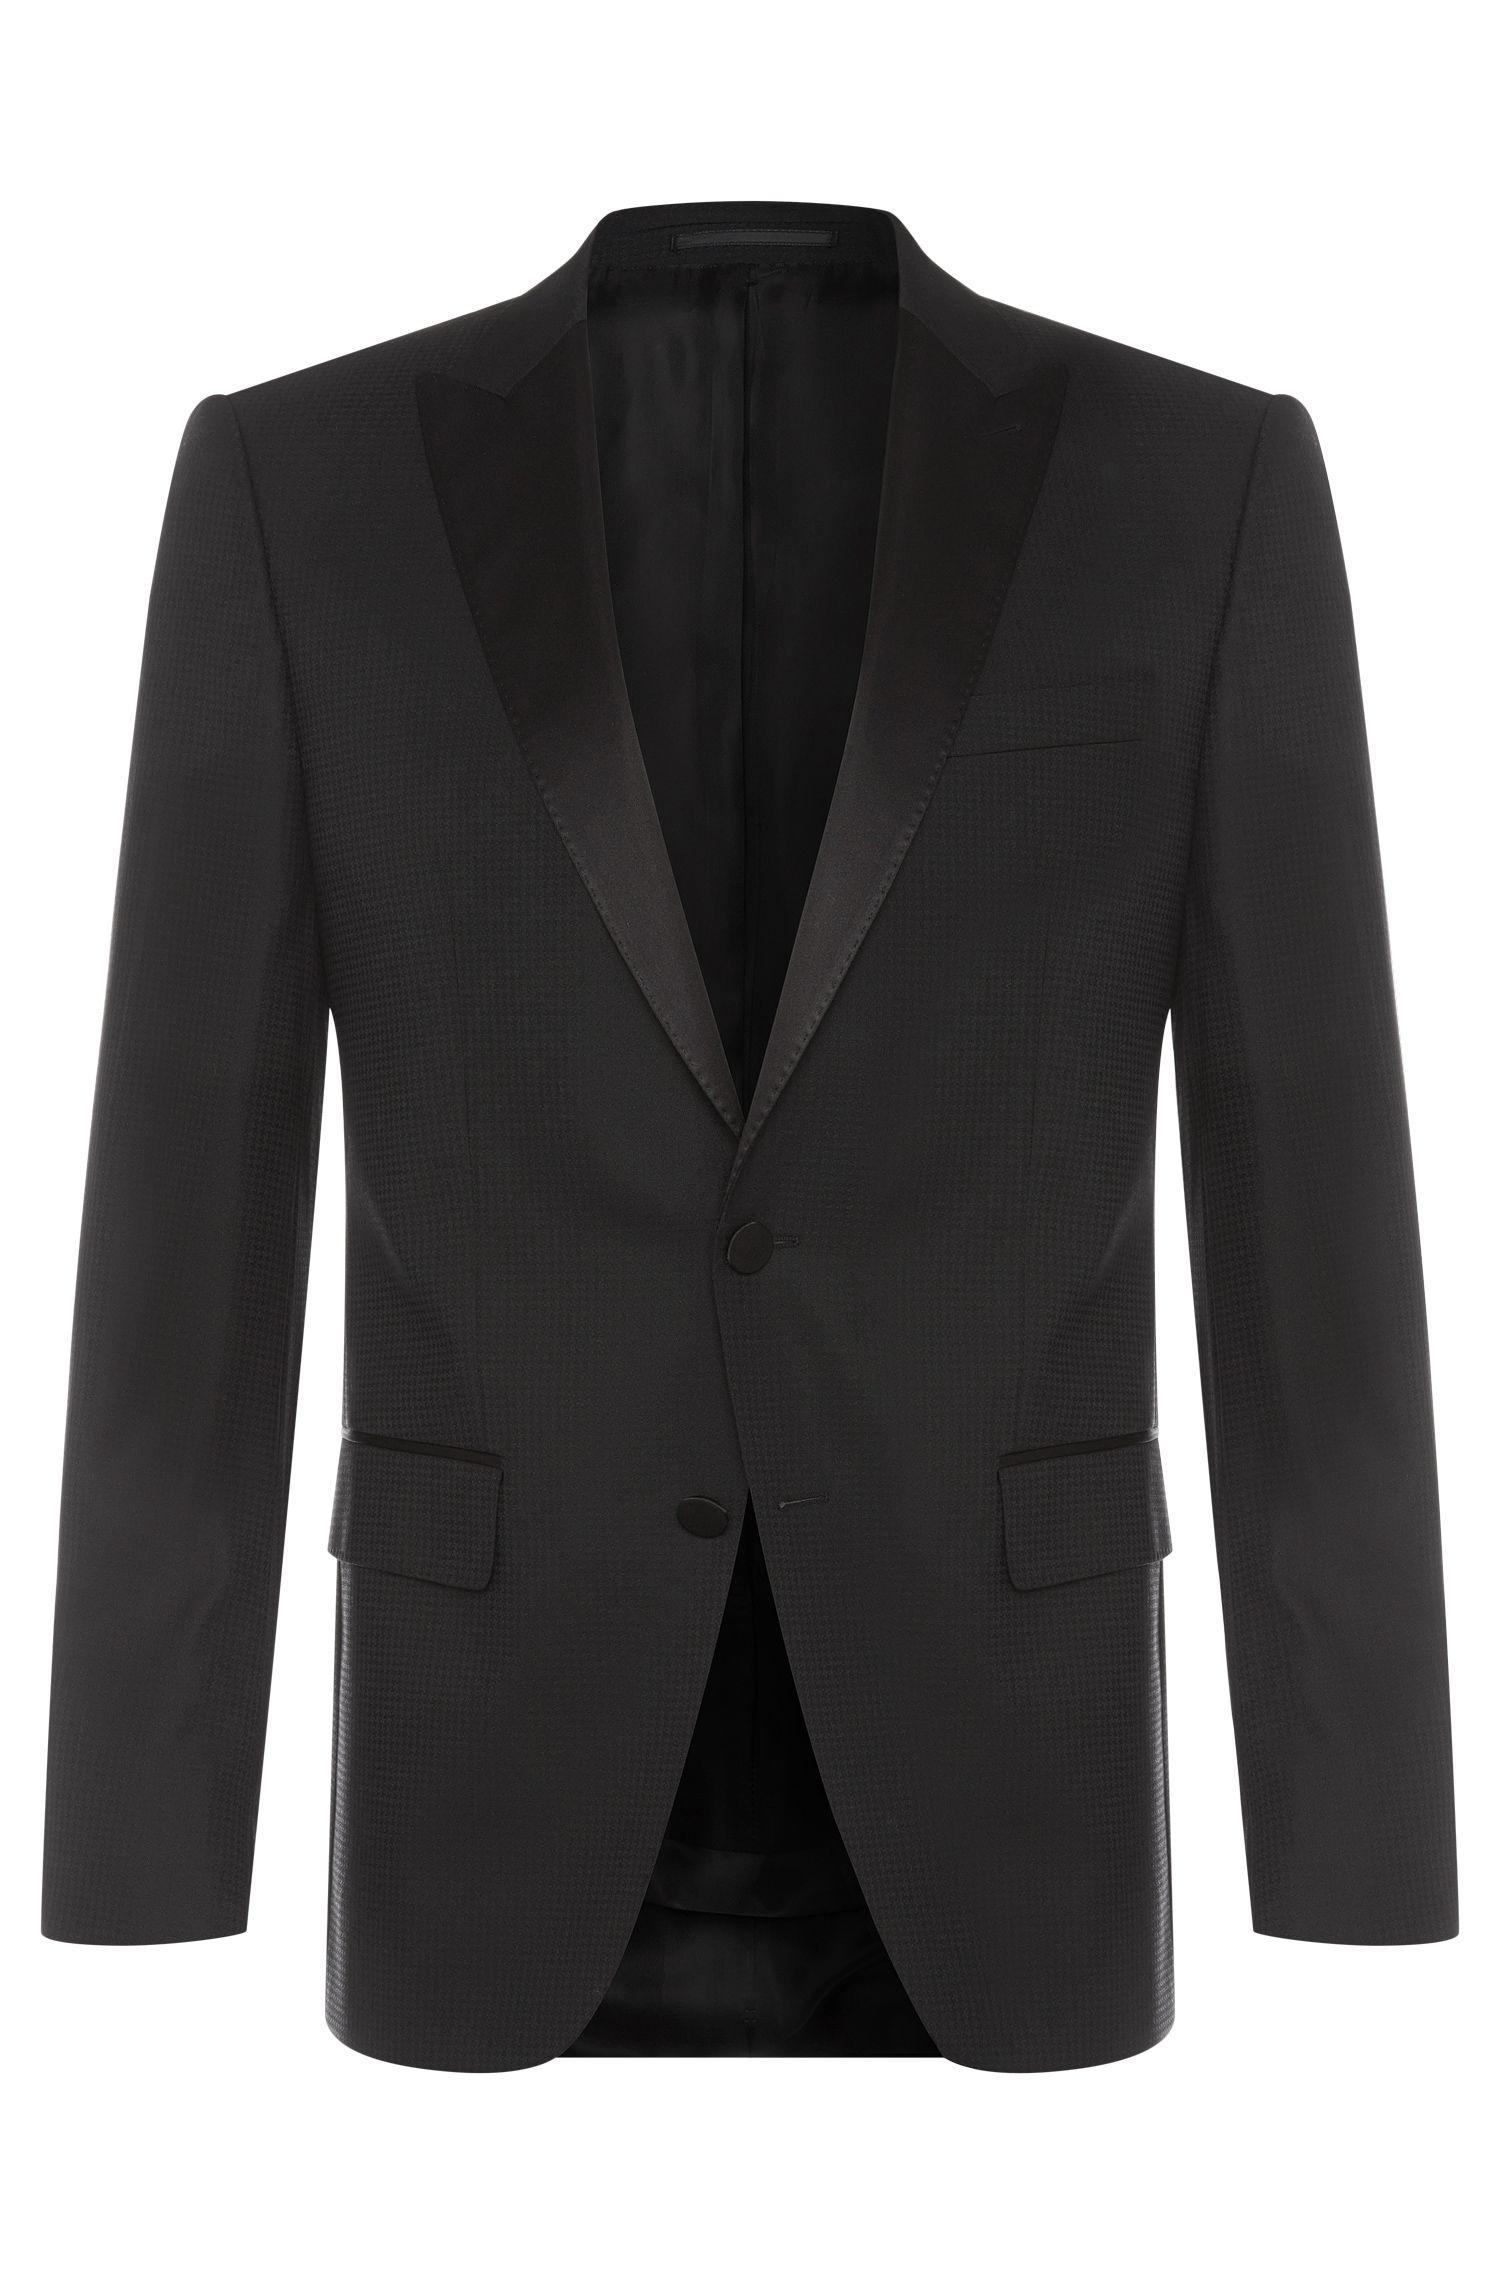 'Haimon' | Slim Fit, Virgin Wool Blend Dinner Jacket